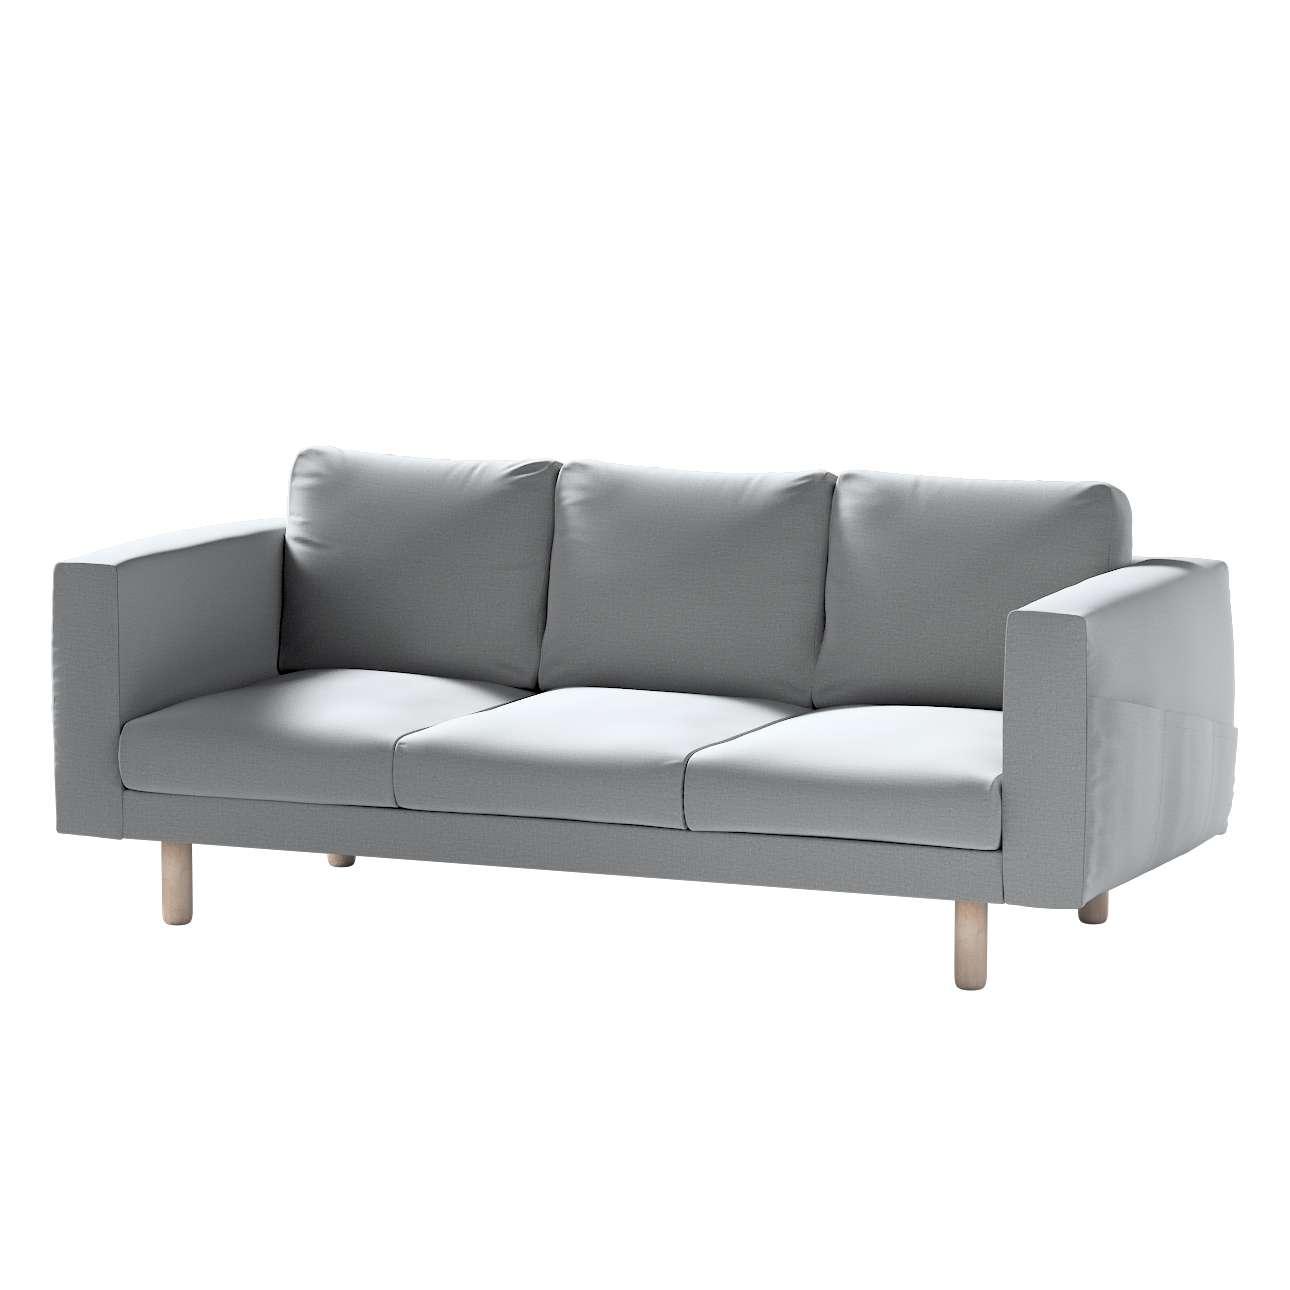 Pokrowiec na sofę Norsborg 3-osobową w kolekcji Ingrid, tkanina: 705-42